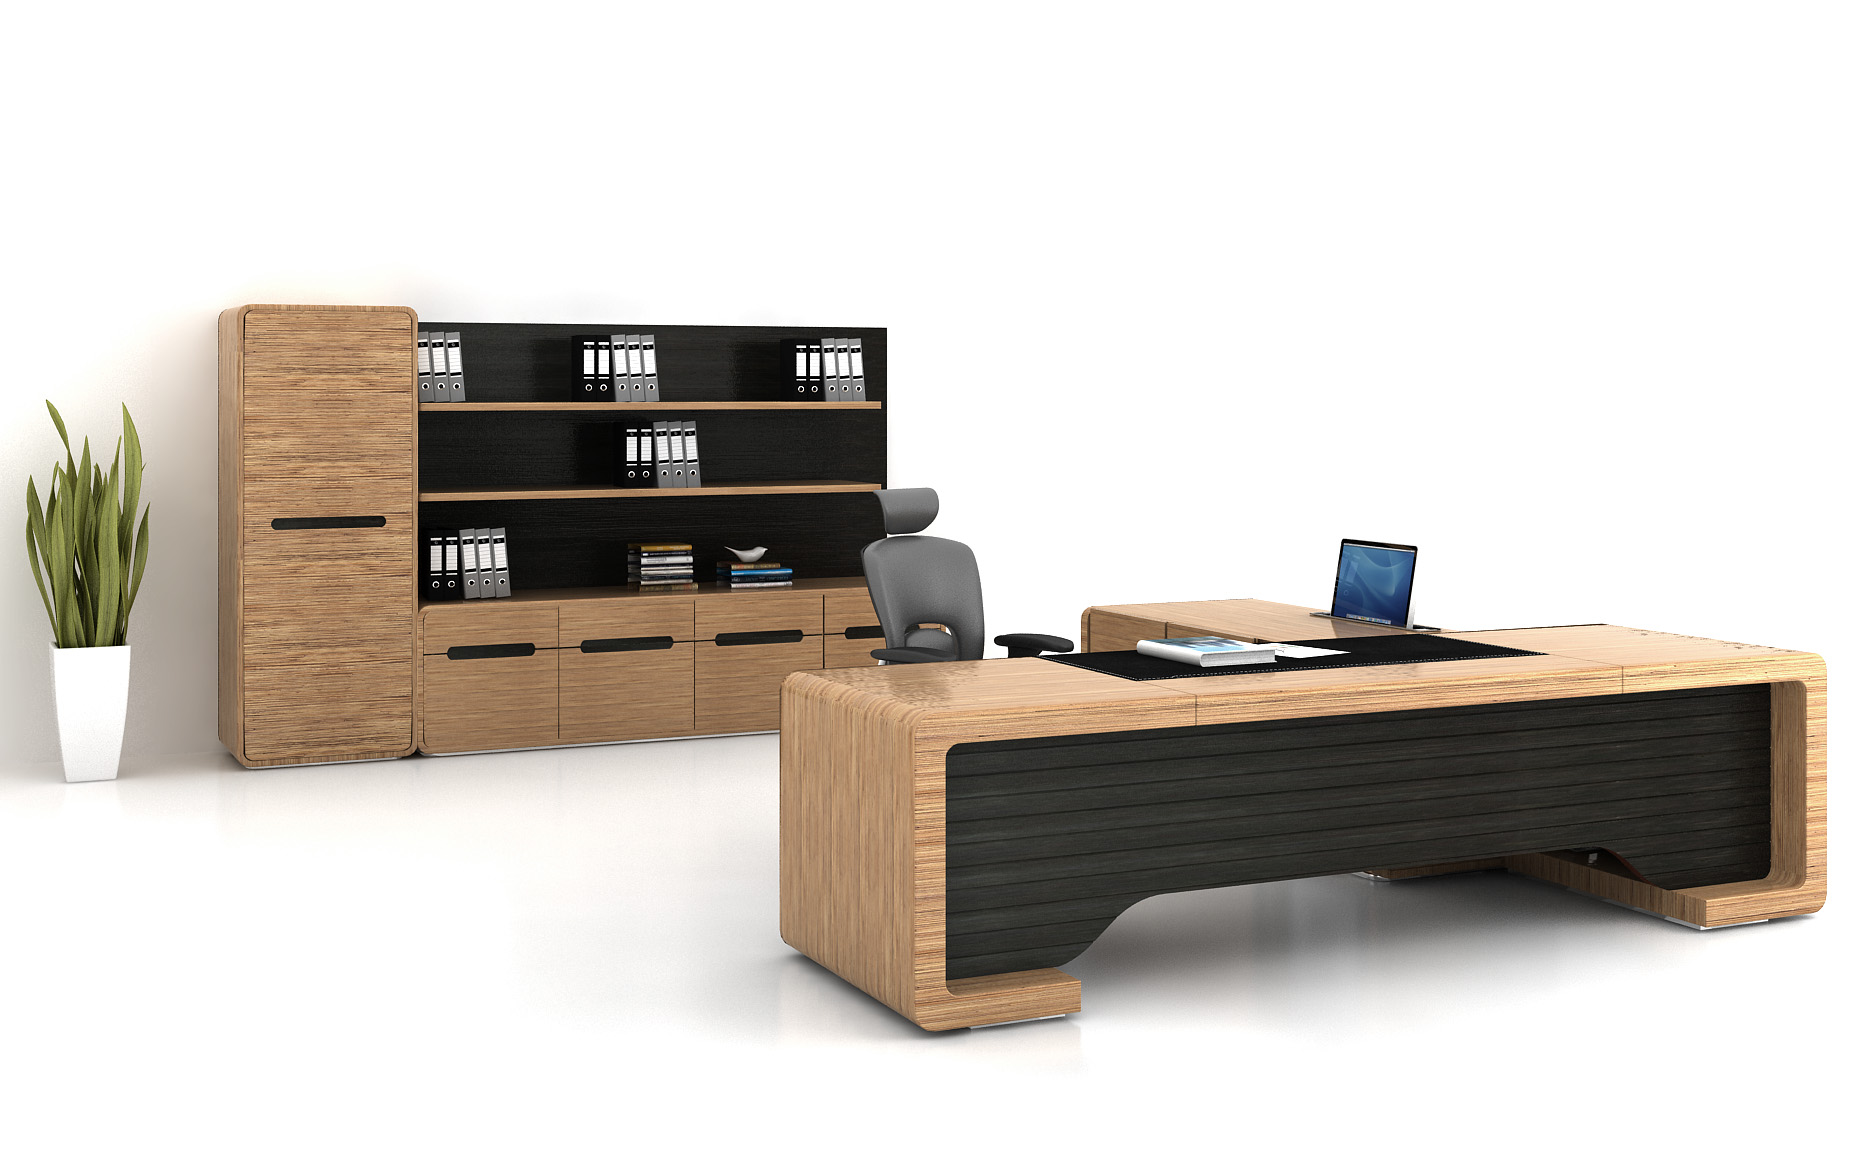 Bamboo Executive Desk  greenbamboofurniture